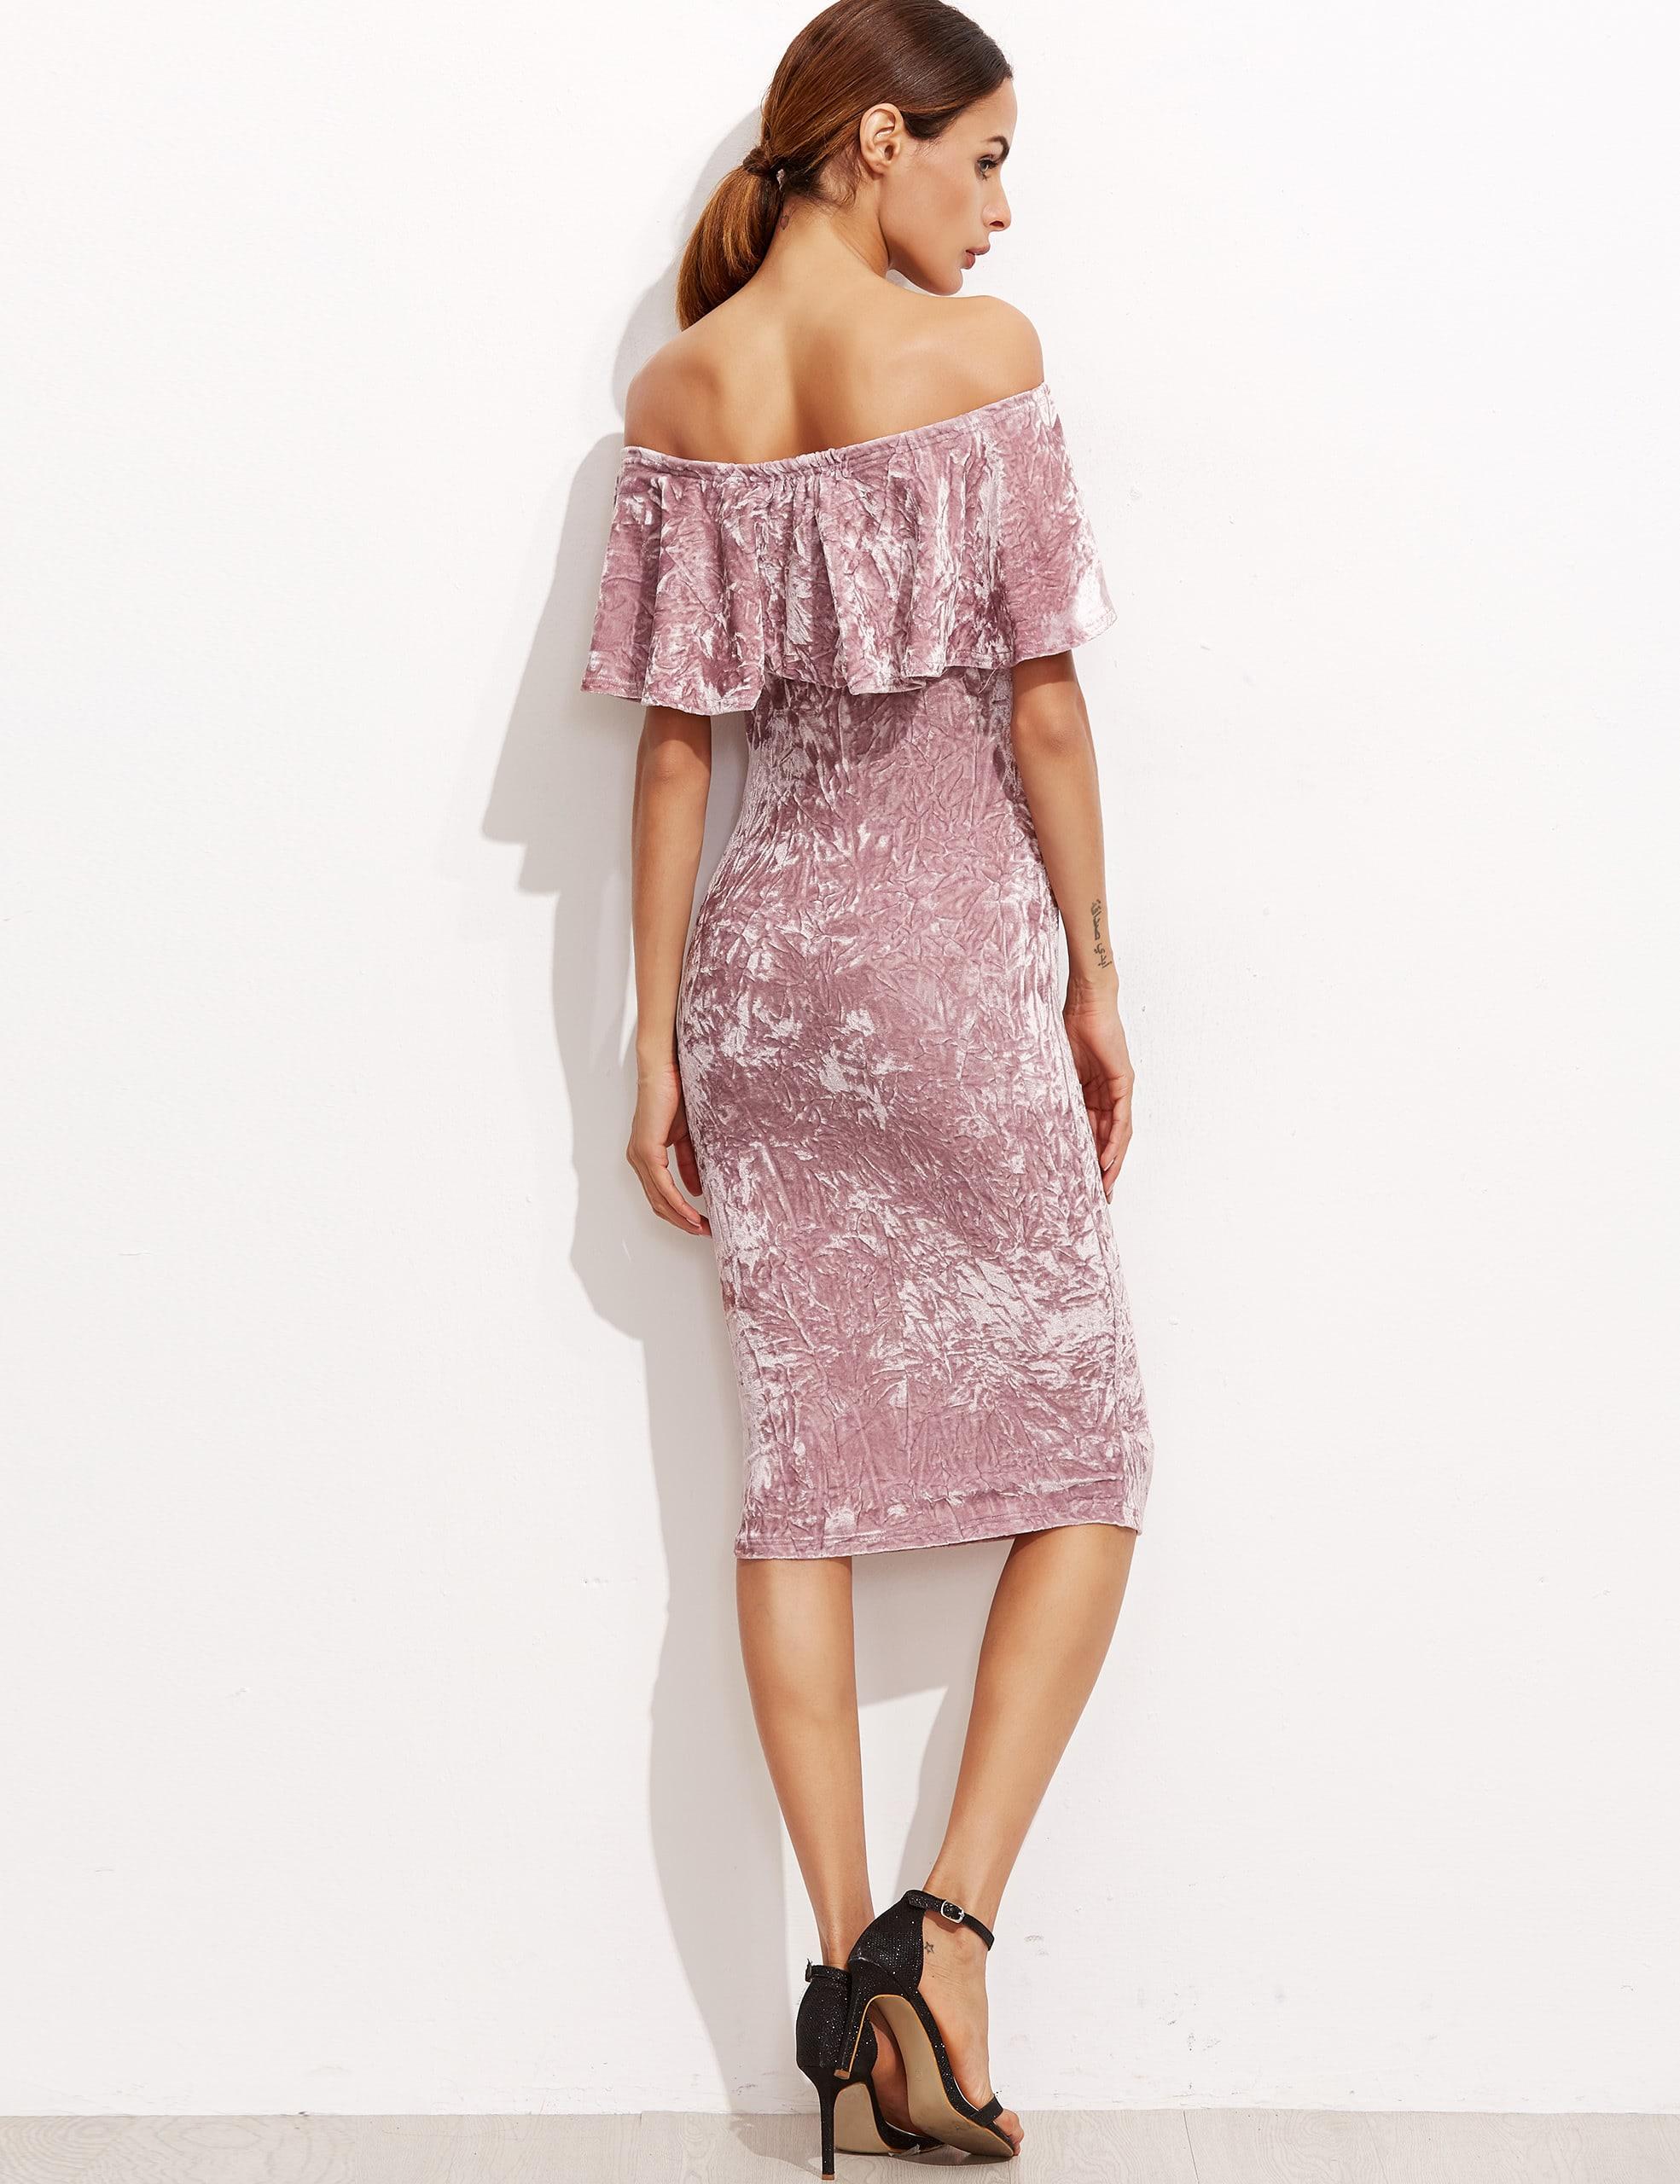 dress161020701_2